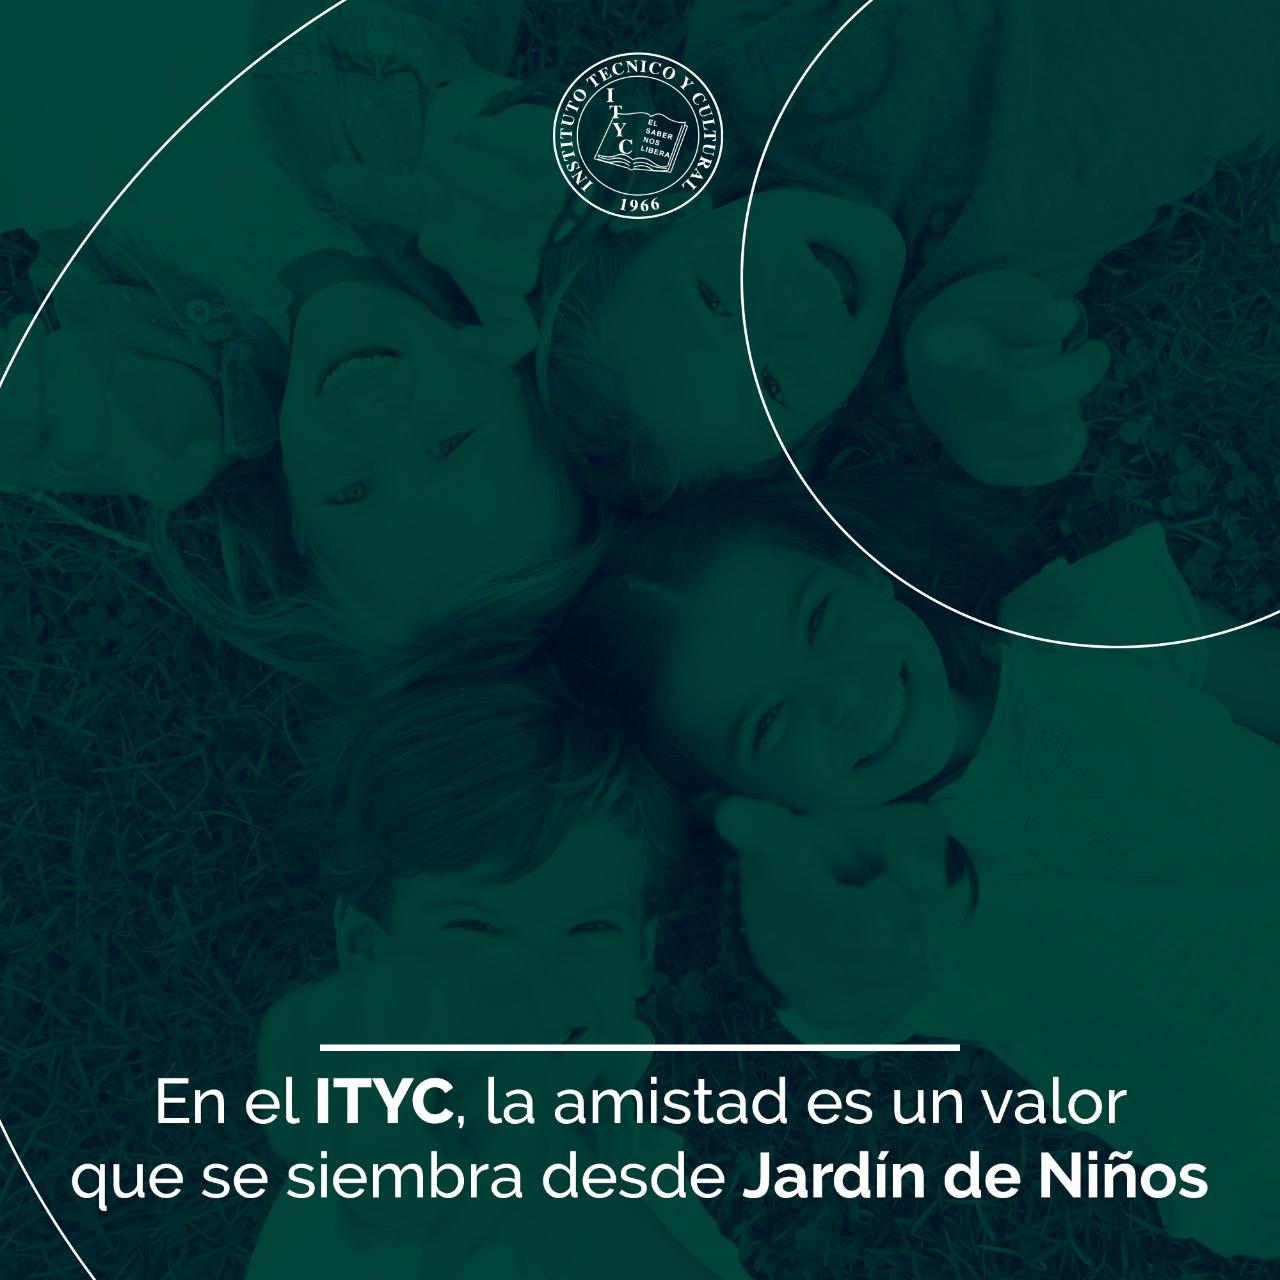 En el ITYC, la amistad es un valor que se siembra desde Jardín de Niños